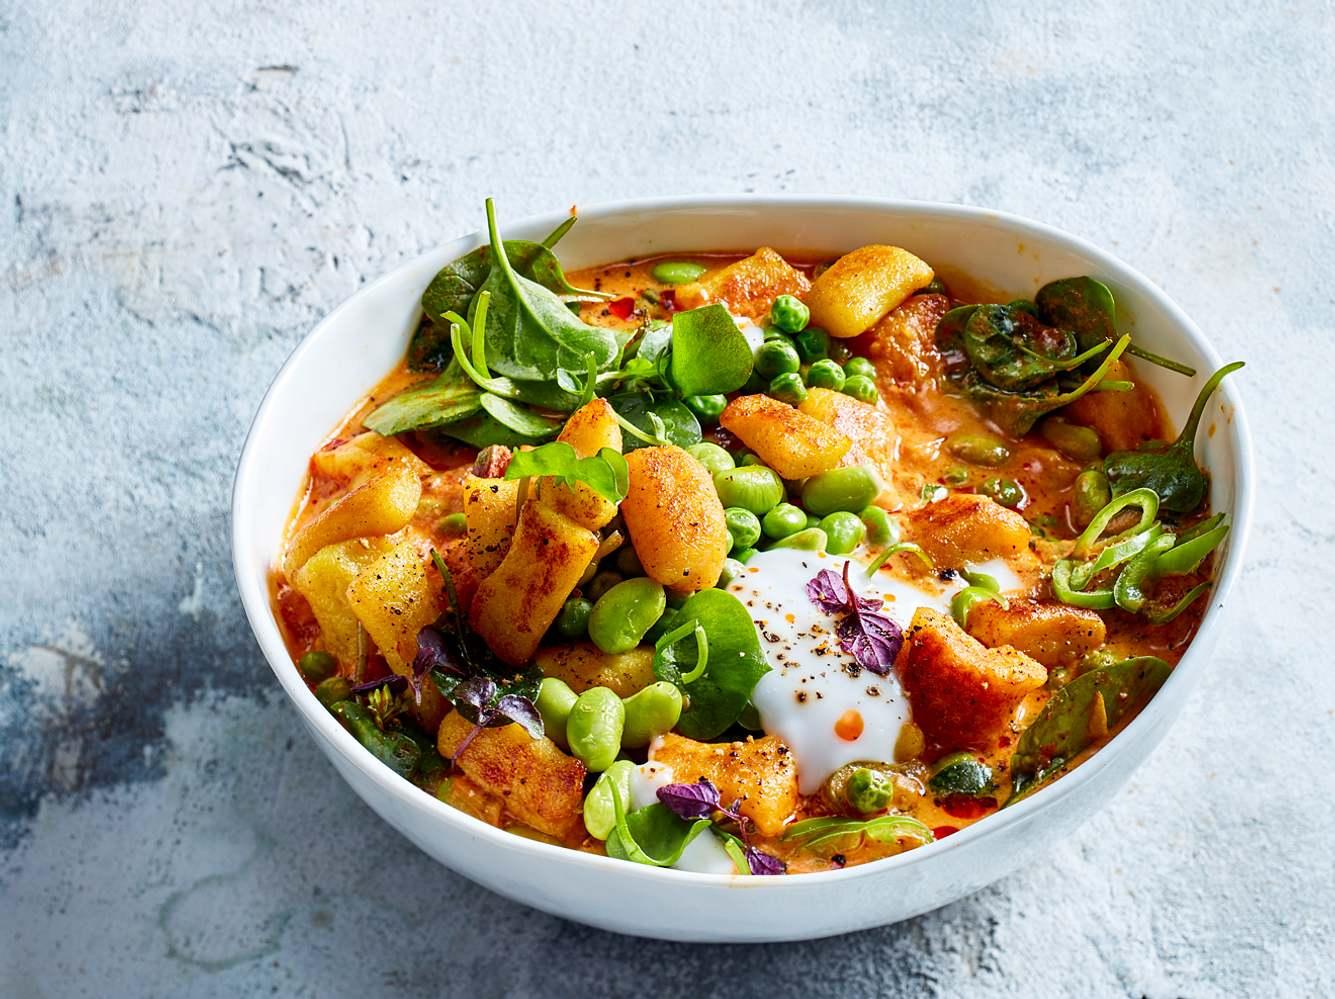 Ob selbst gemachte Gnocchi oder aus der Kühltheke, dieses Curry schmeckt himmlisch gut.